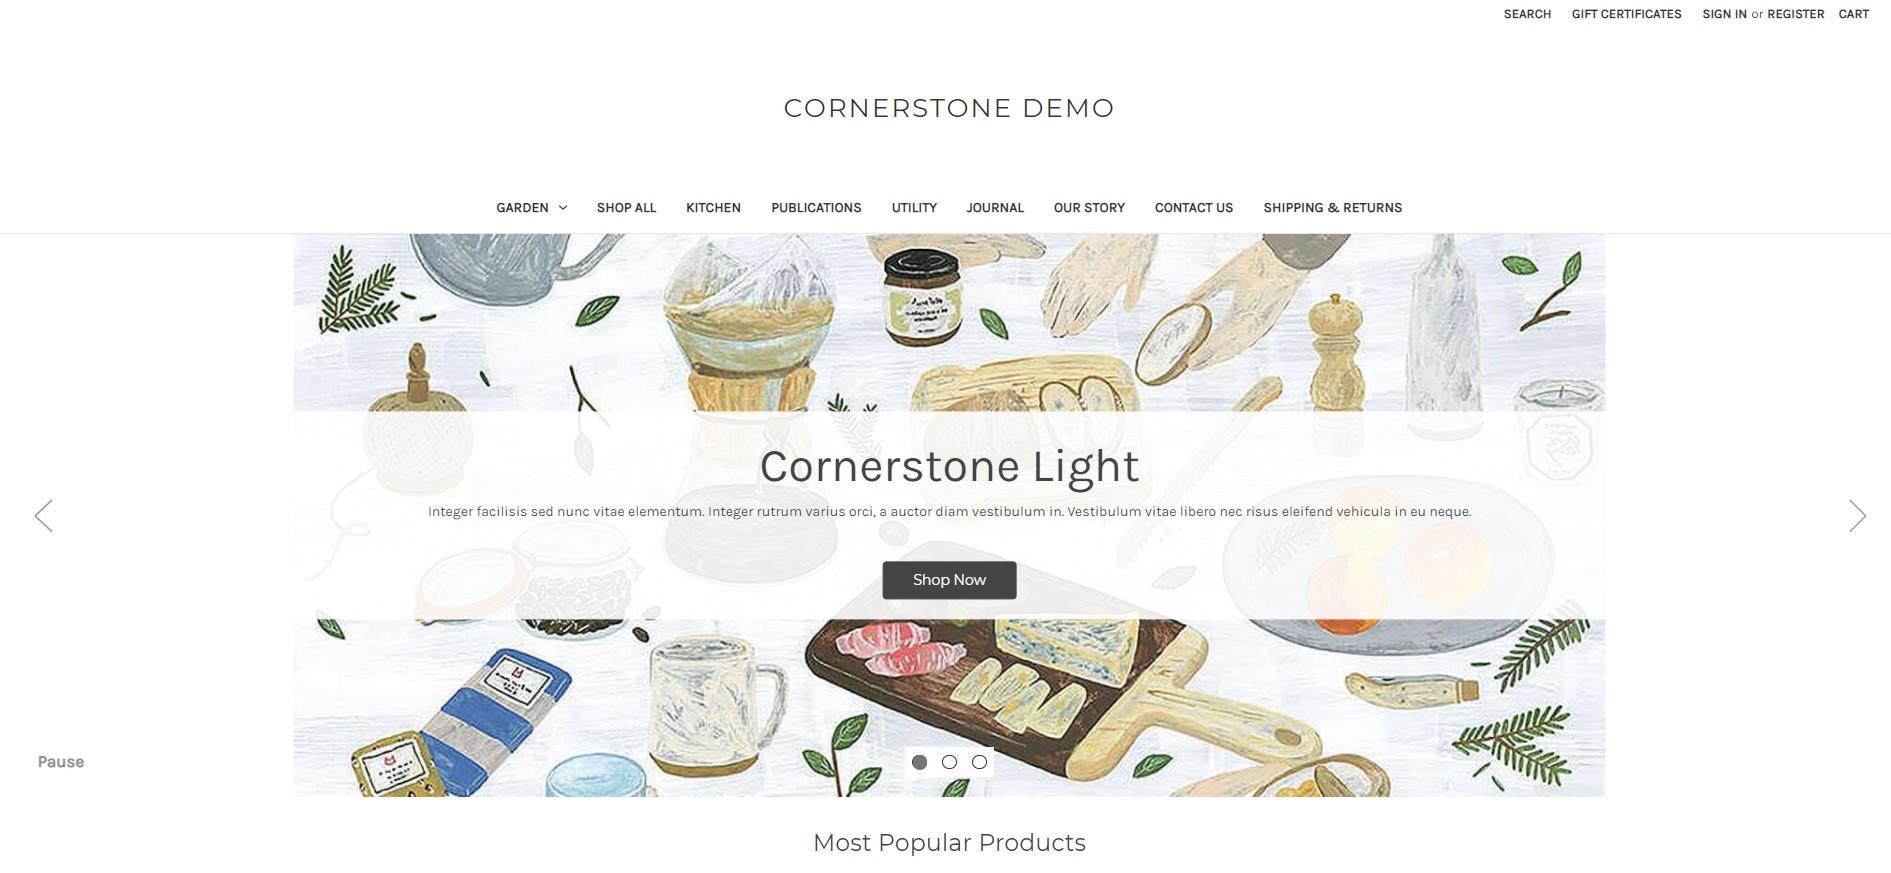 Cornerstone Light